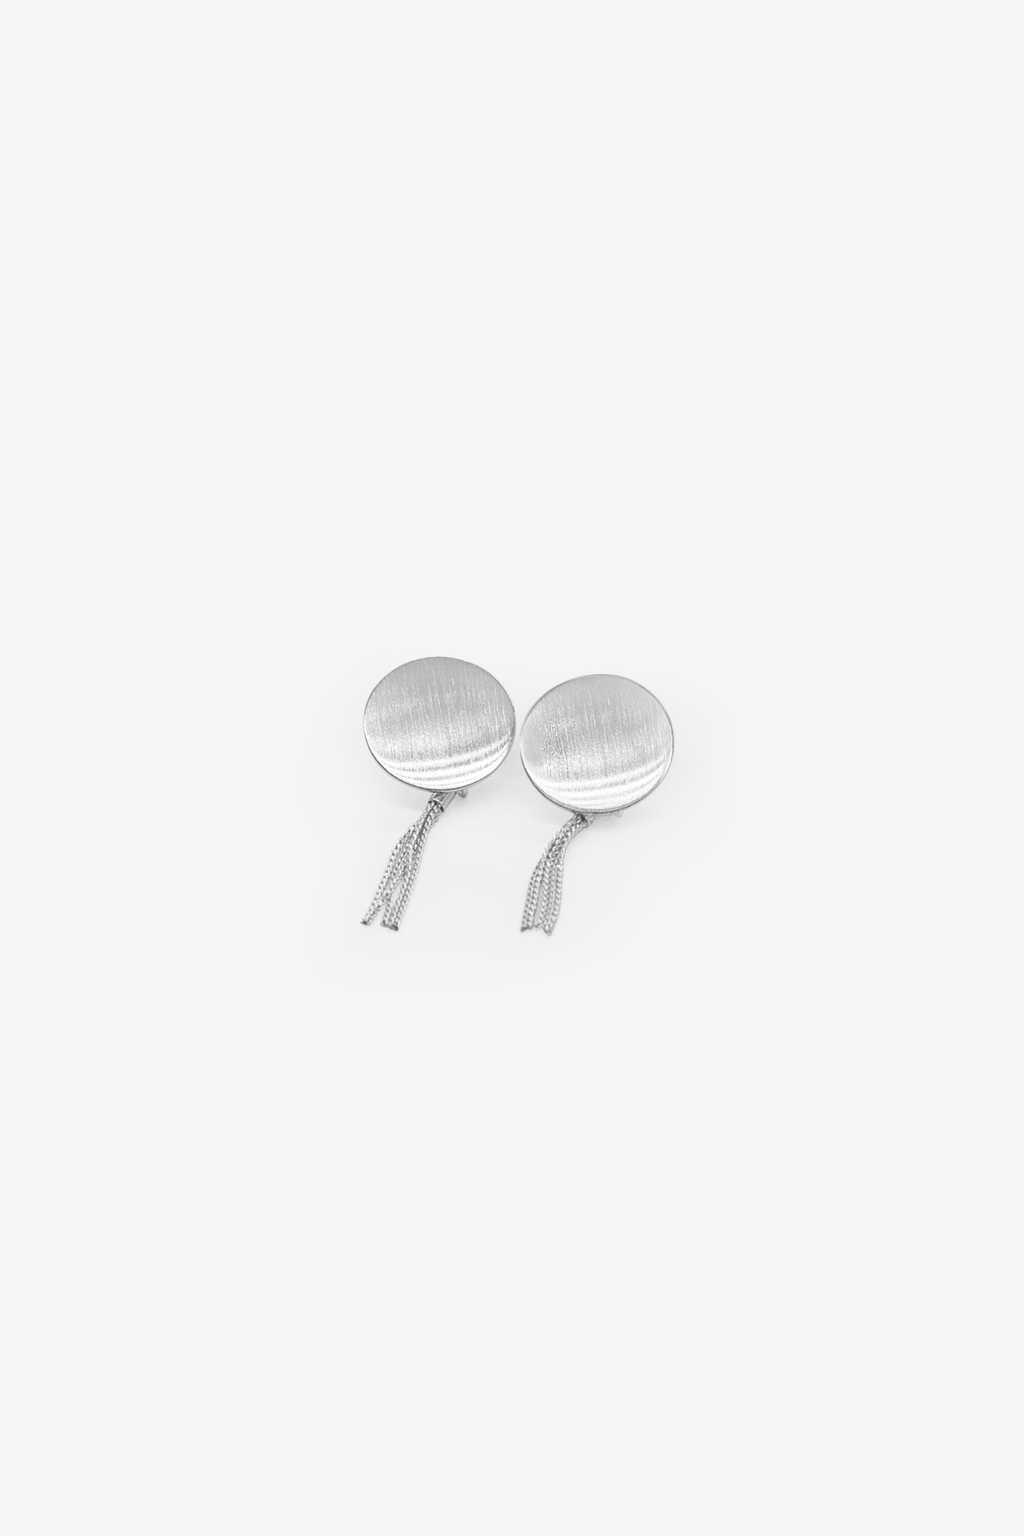 Earring H100 Silver 2